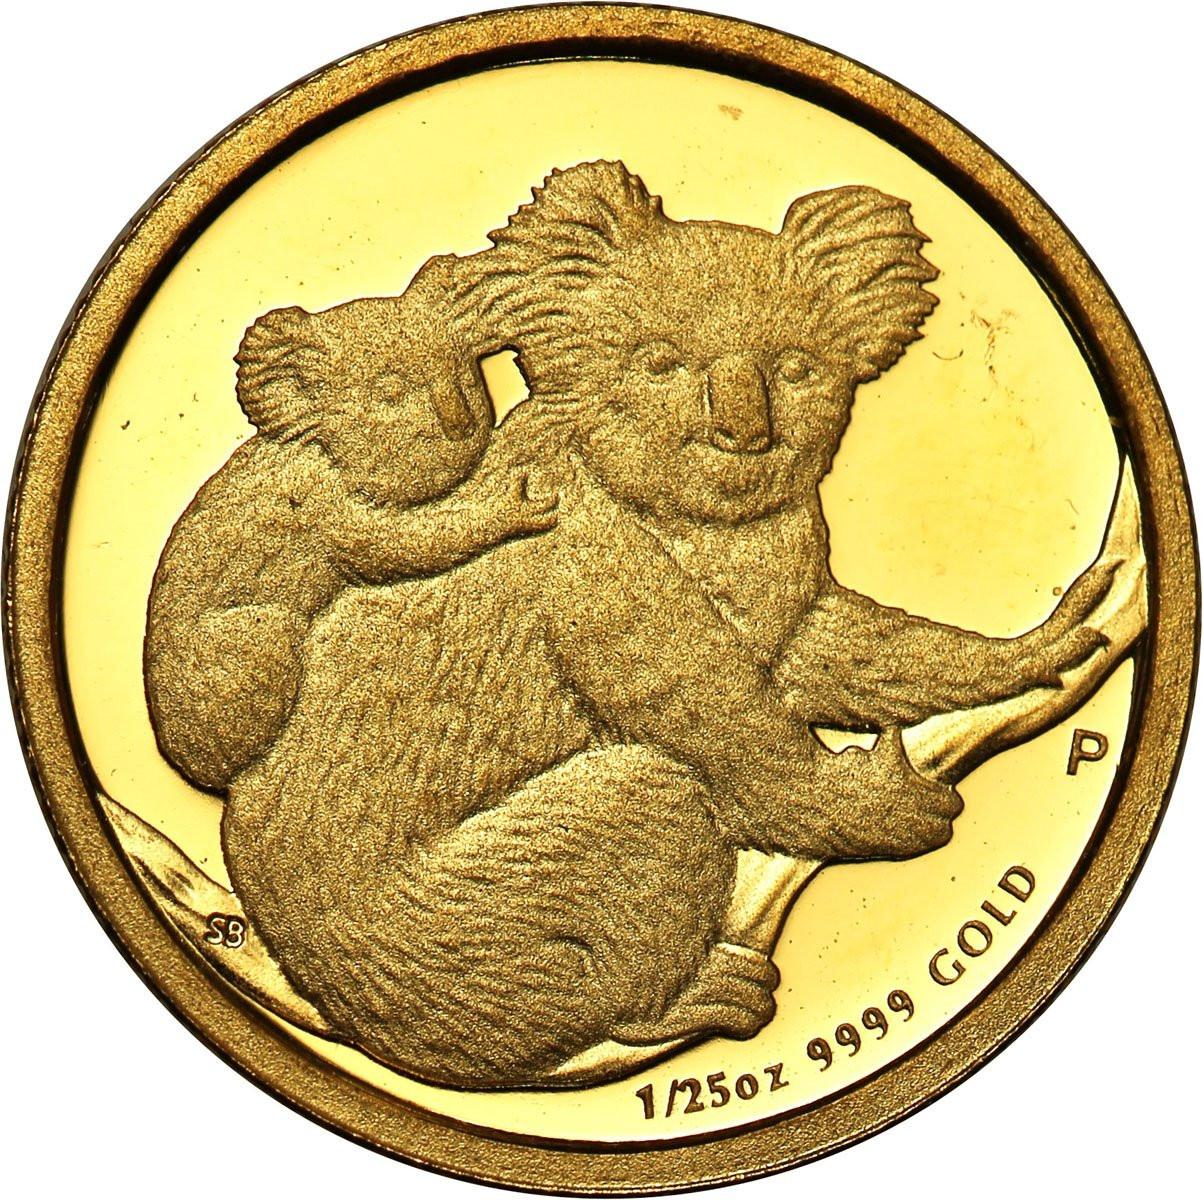 Australia 5 dolarów 2008 (1/25 uncji Au) st. l